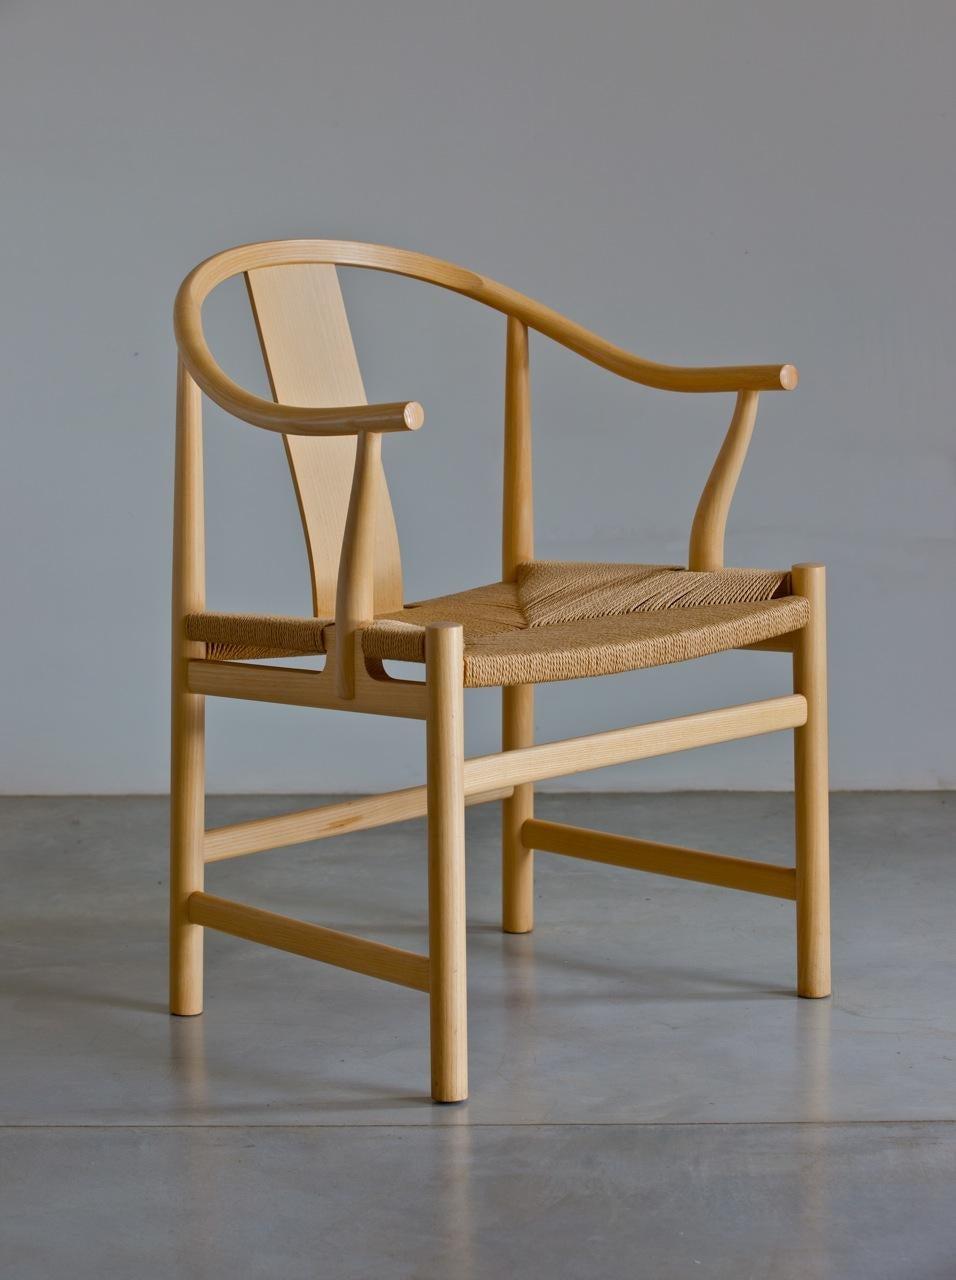 hans wegner chinese chair for pp mobler image 5 of 7